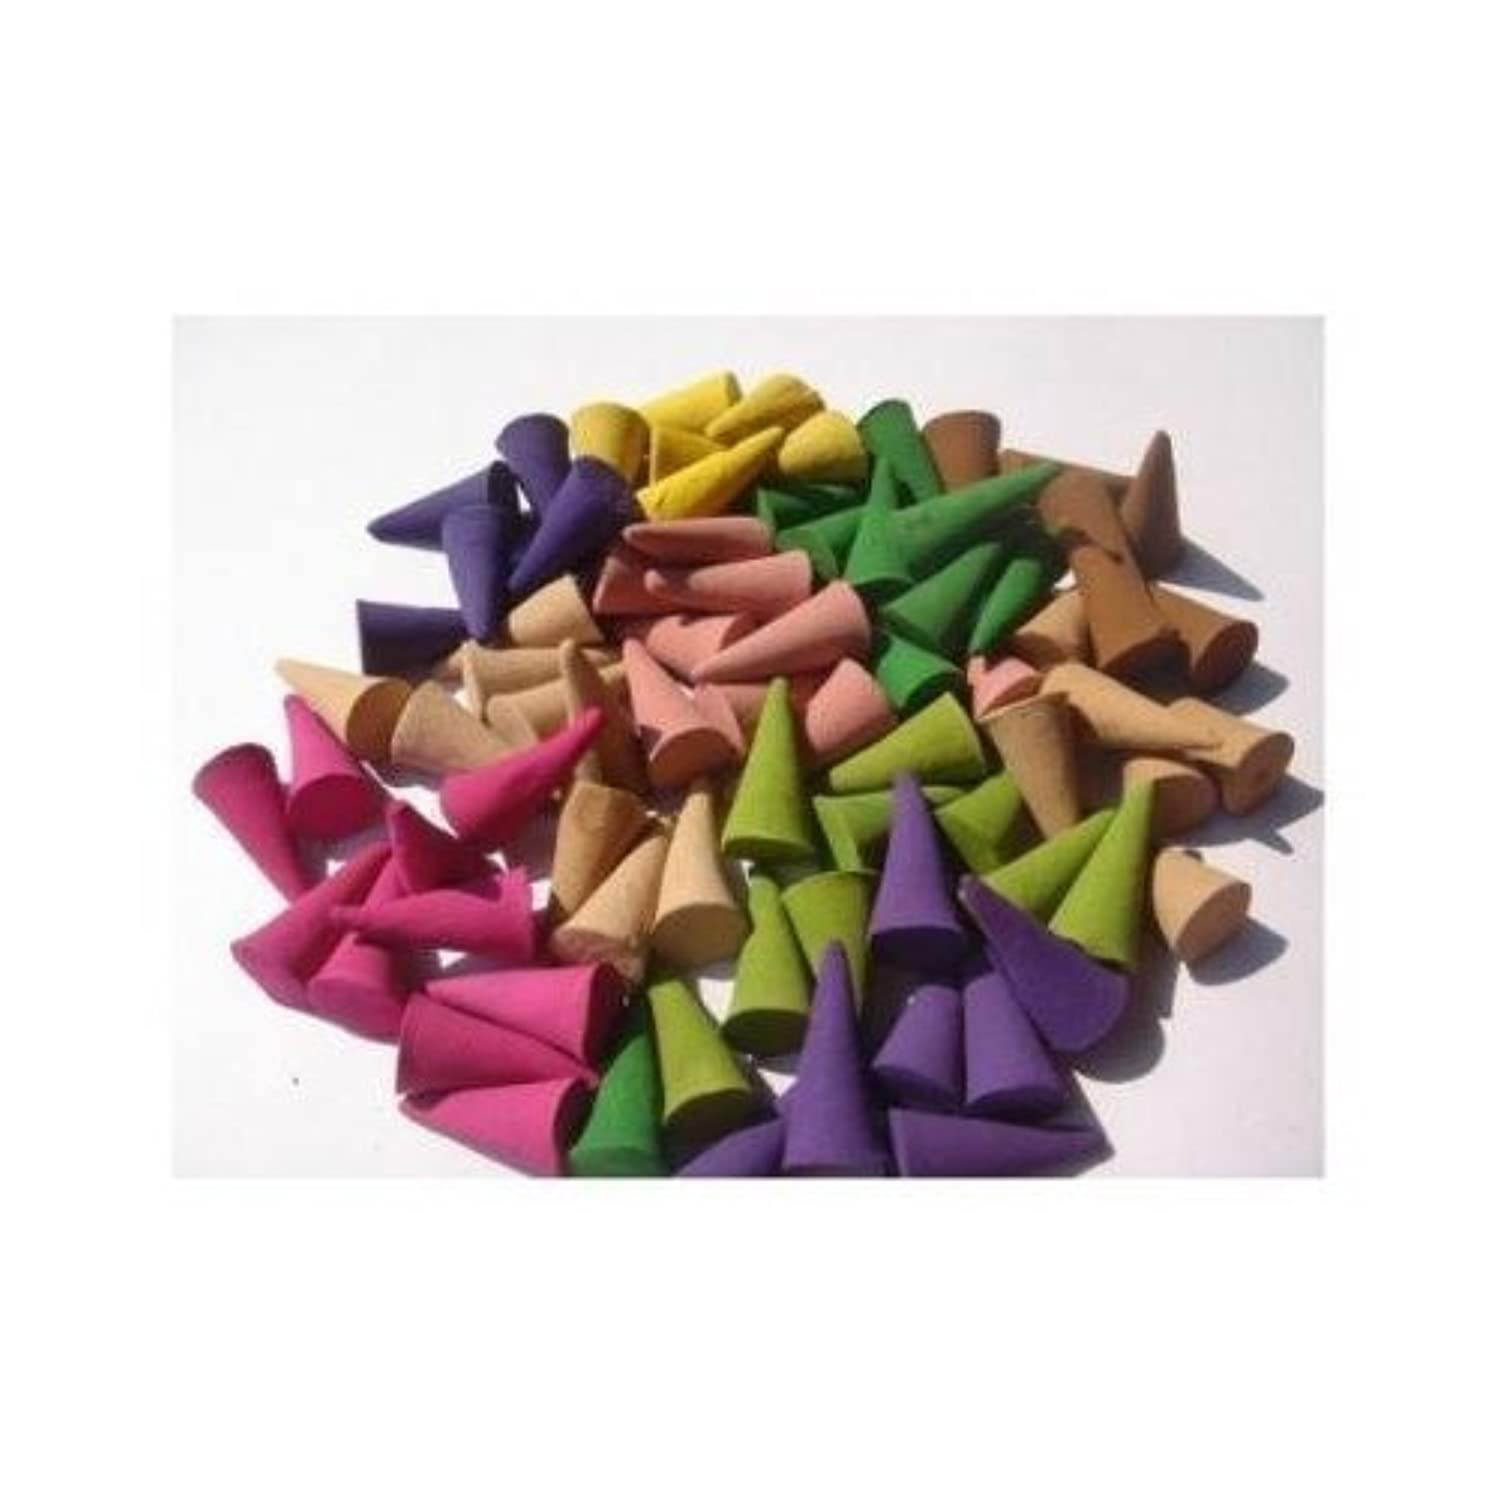 インシデントアーネストシャクルトン成功したIncense Cones Mixed Variety of Scents (Pack of 100 Cones) Thailand Product by Siam